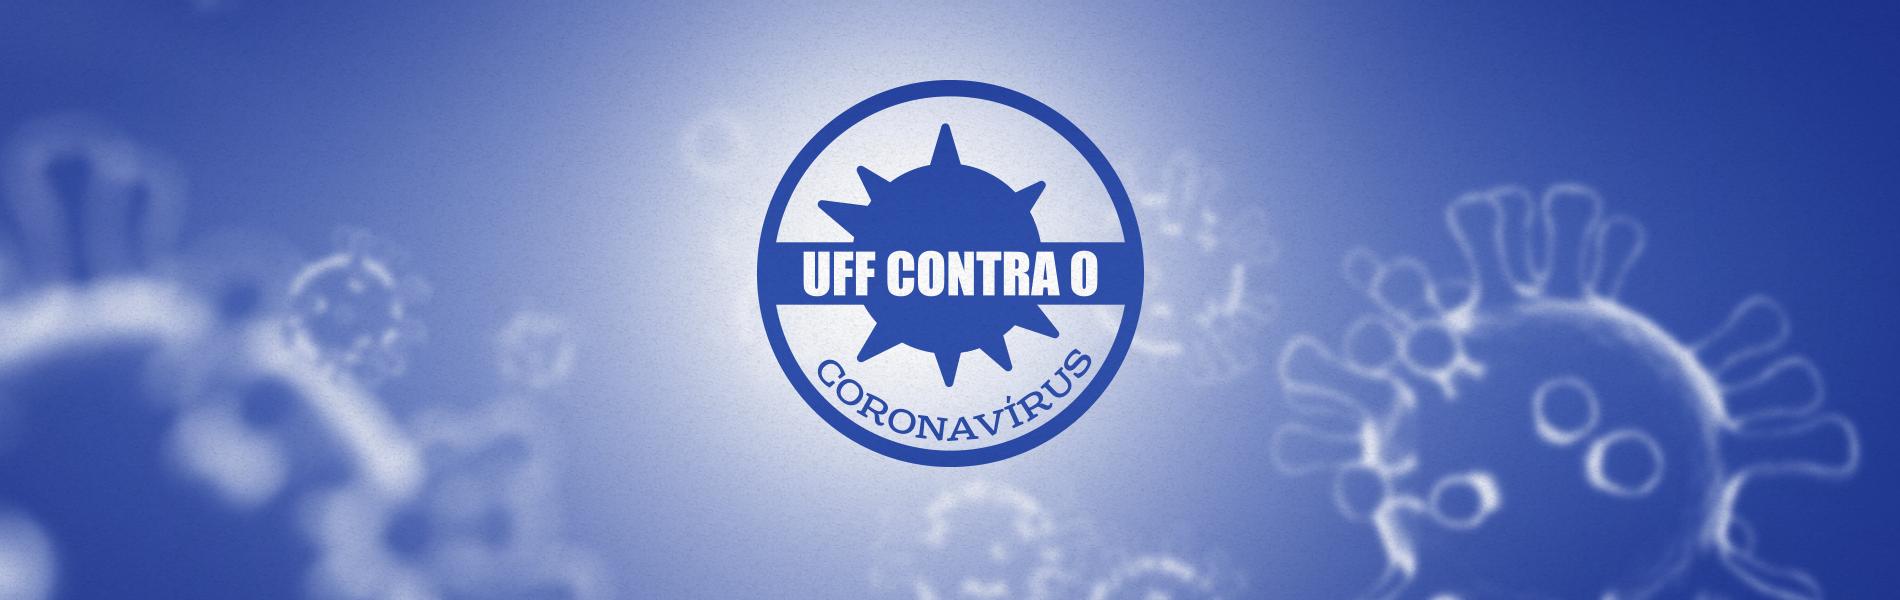 """imagem com a marca da campanha """"UFF contra o Coronavírus"""" sobre um fundo com imagens microscópicas do covid-19"""